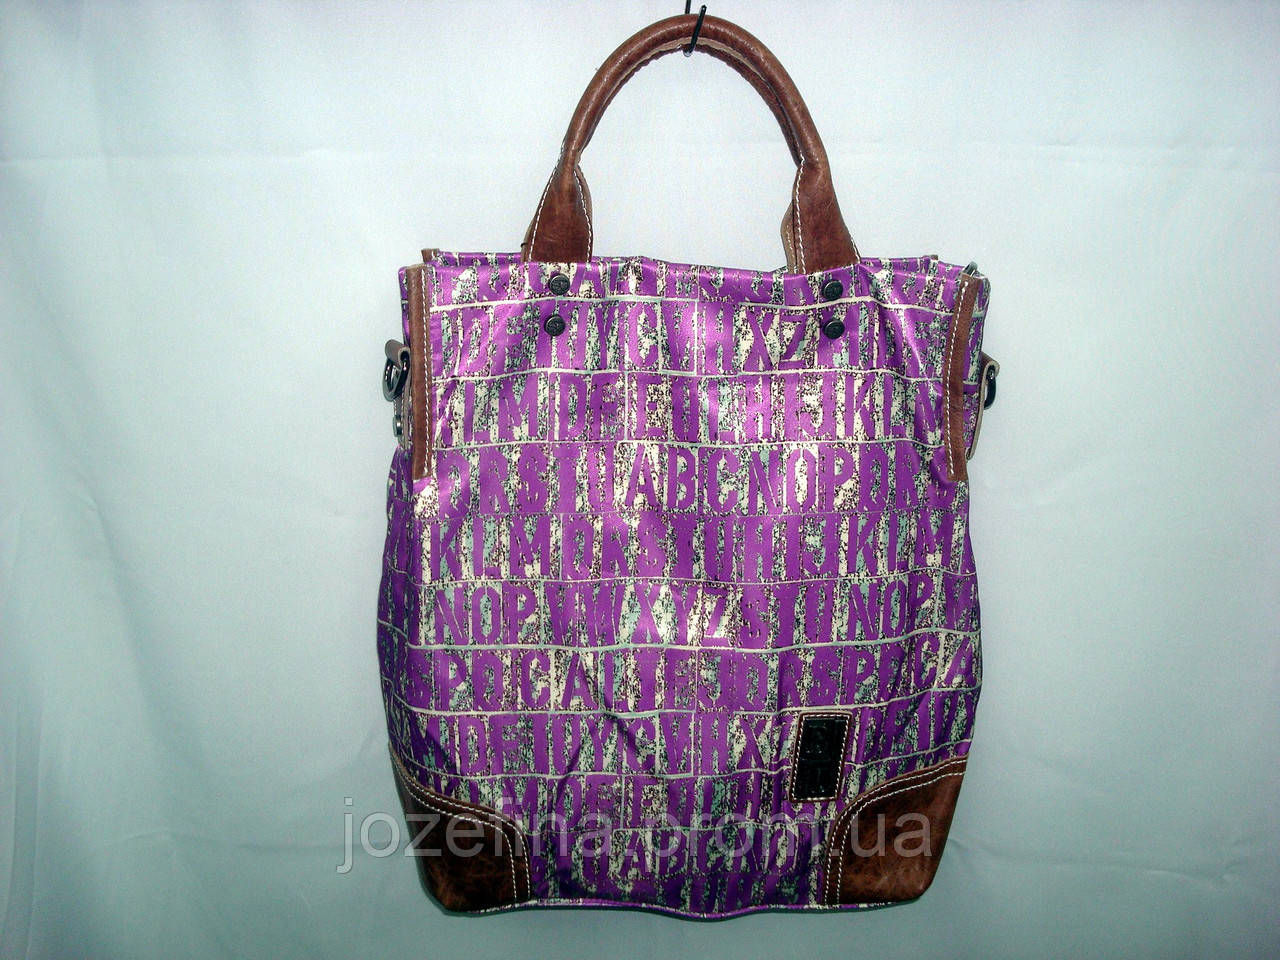 01e49809decf Женская тканевая сумка BU ROAD - Интернет-магазин модных сумок «Жозефина» в  Днепре